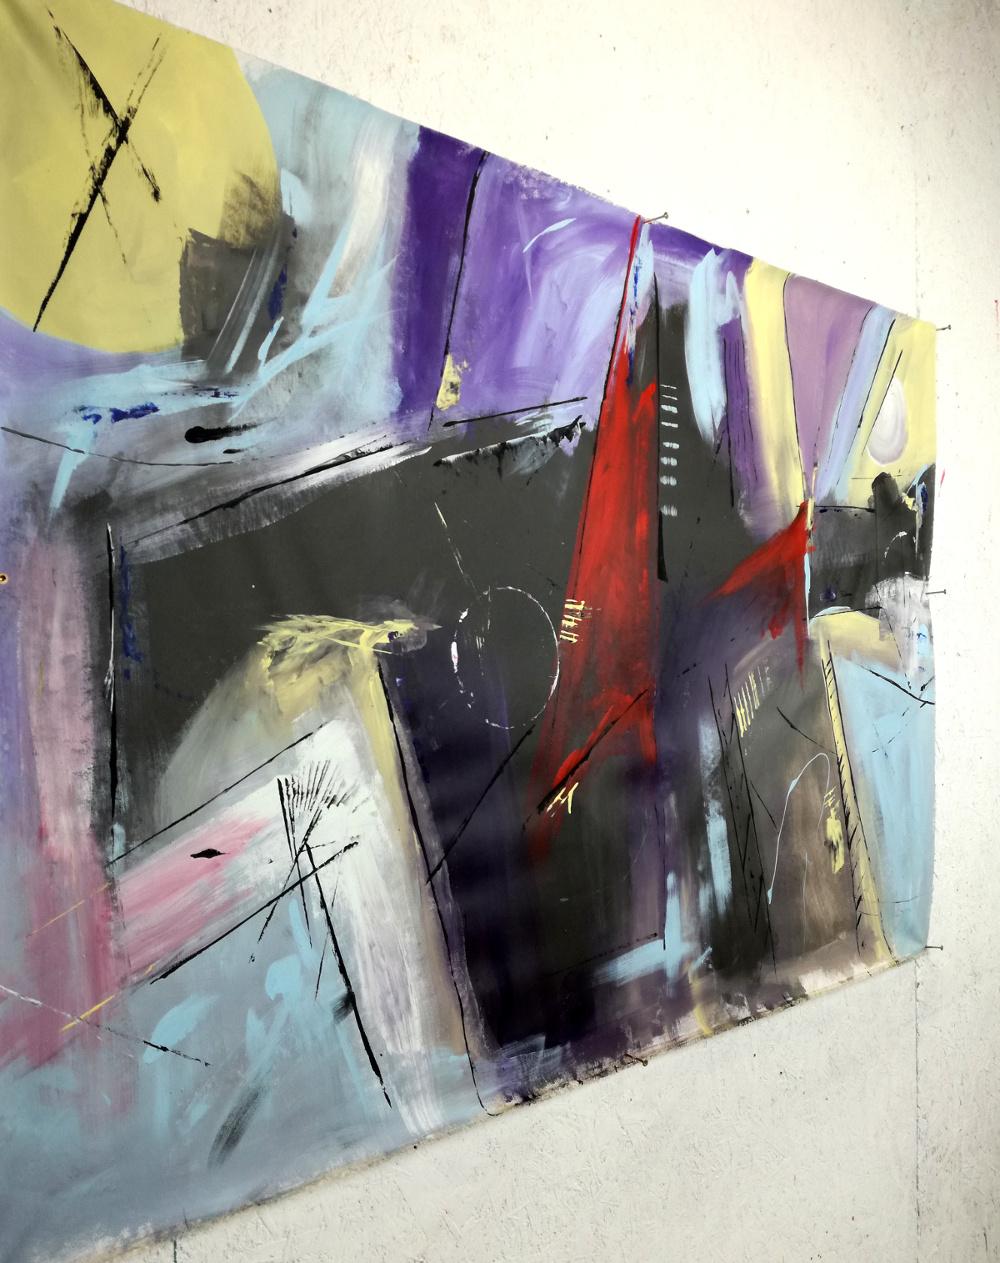 quadri xxl grandi b46 - dipinti astratti fatti a mano 120x80 xxl